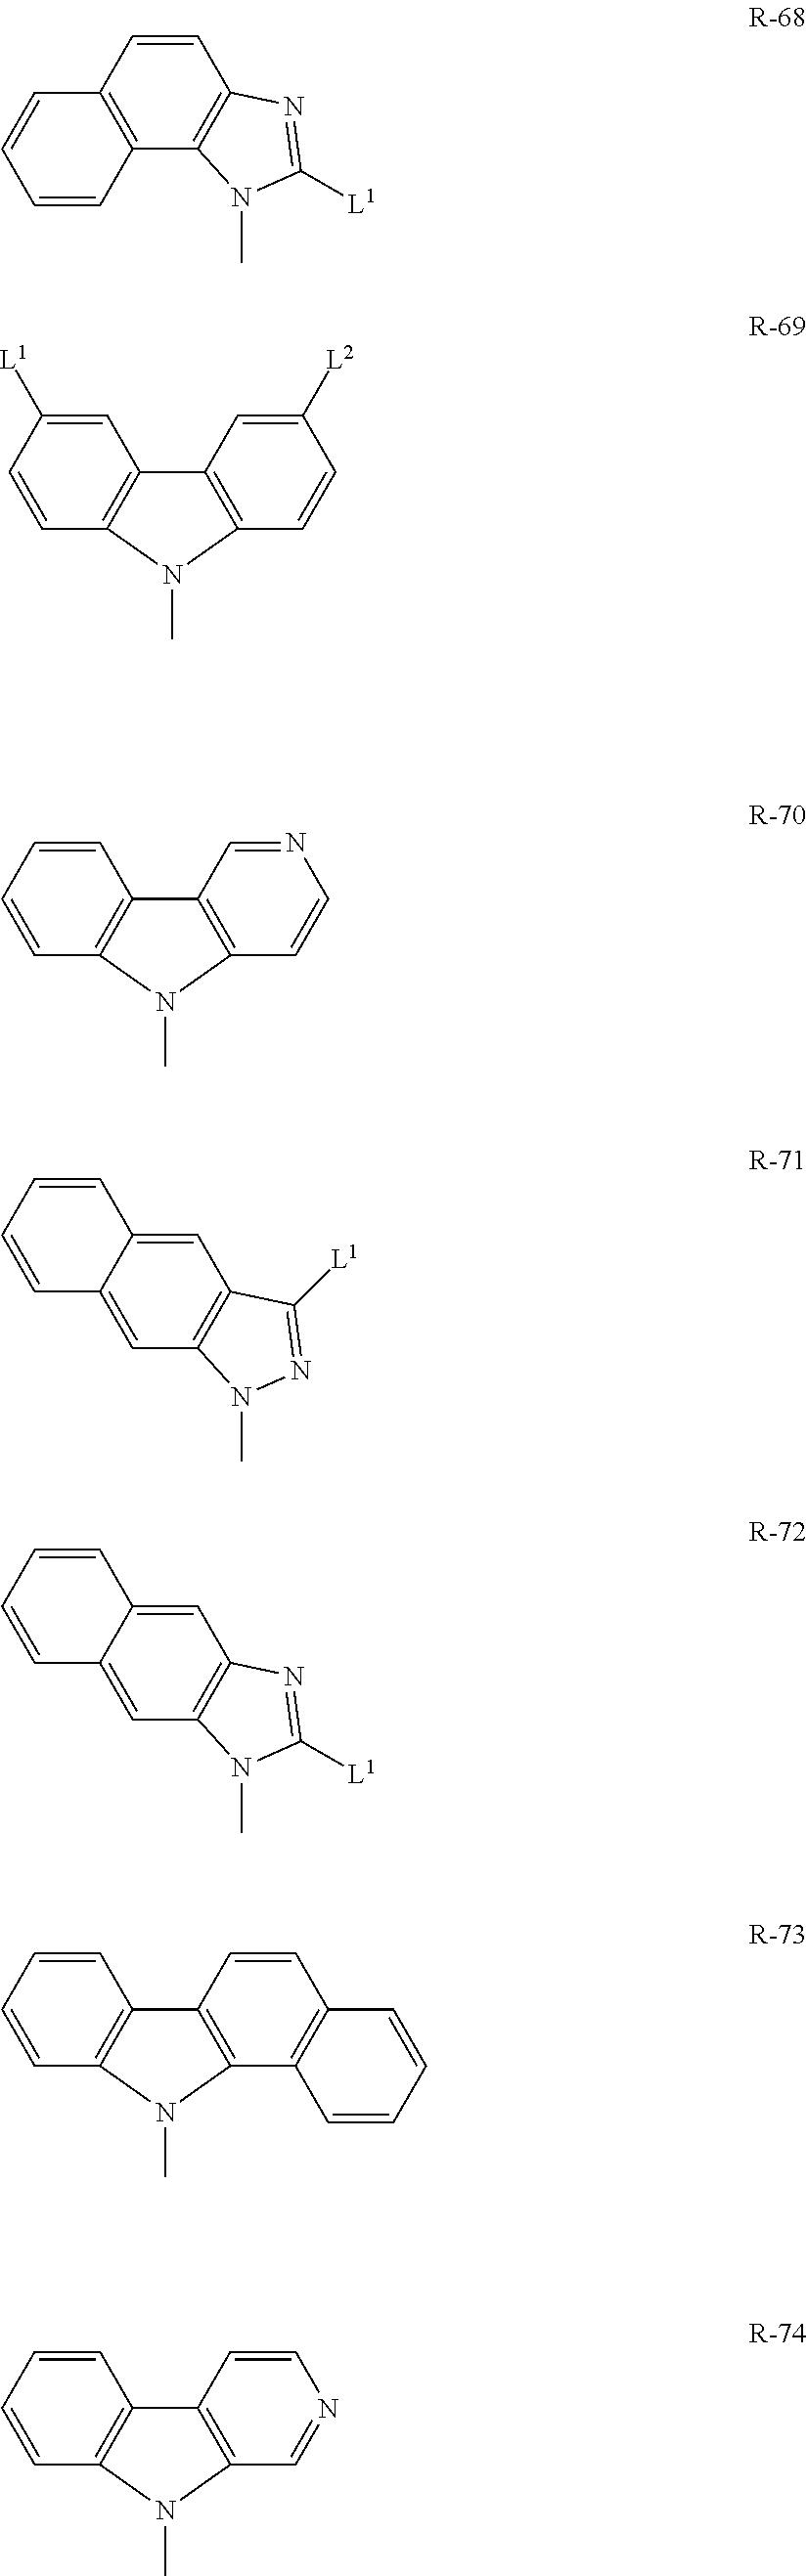 Figure US20110215312A1-20110908-C00027